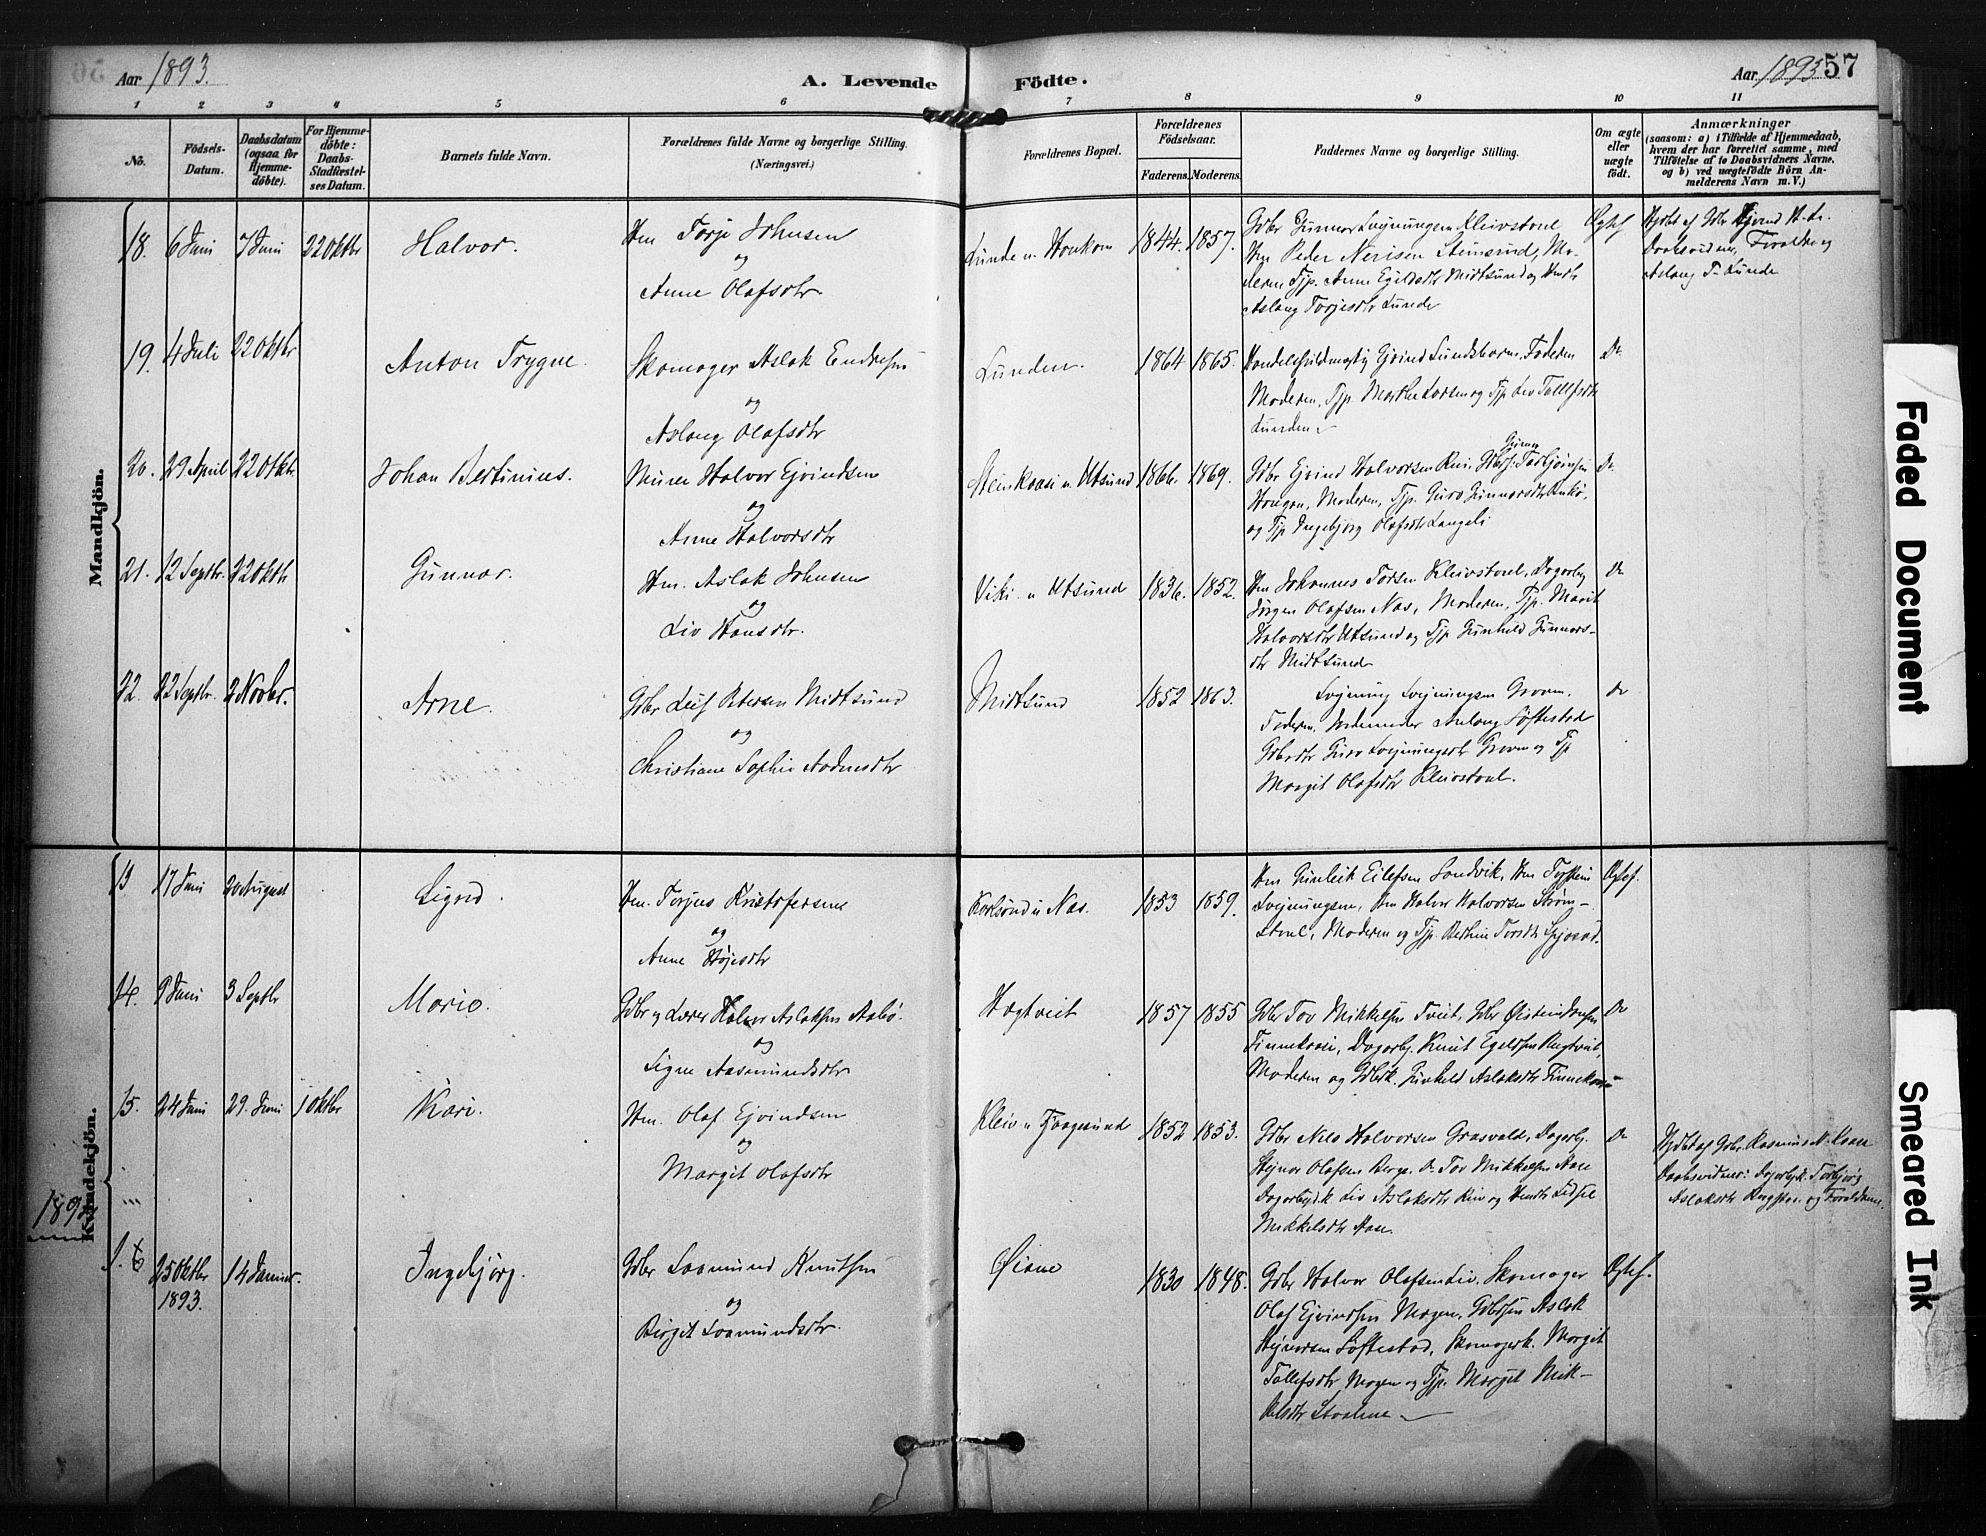 SAKO, Kviteseid kirkebøker, F/Fa/L0008: Ministerialbok nr. I 8, 1882-1903, s. 57